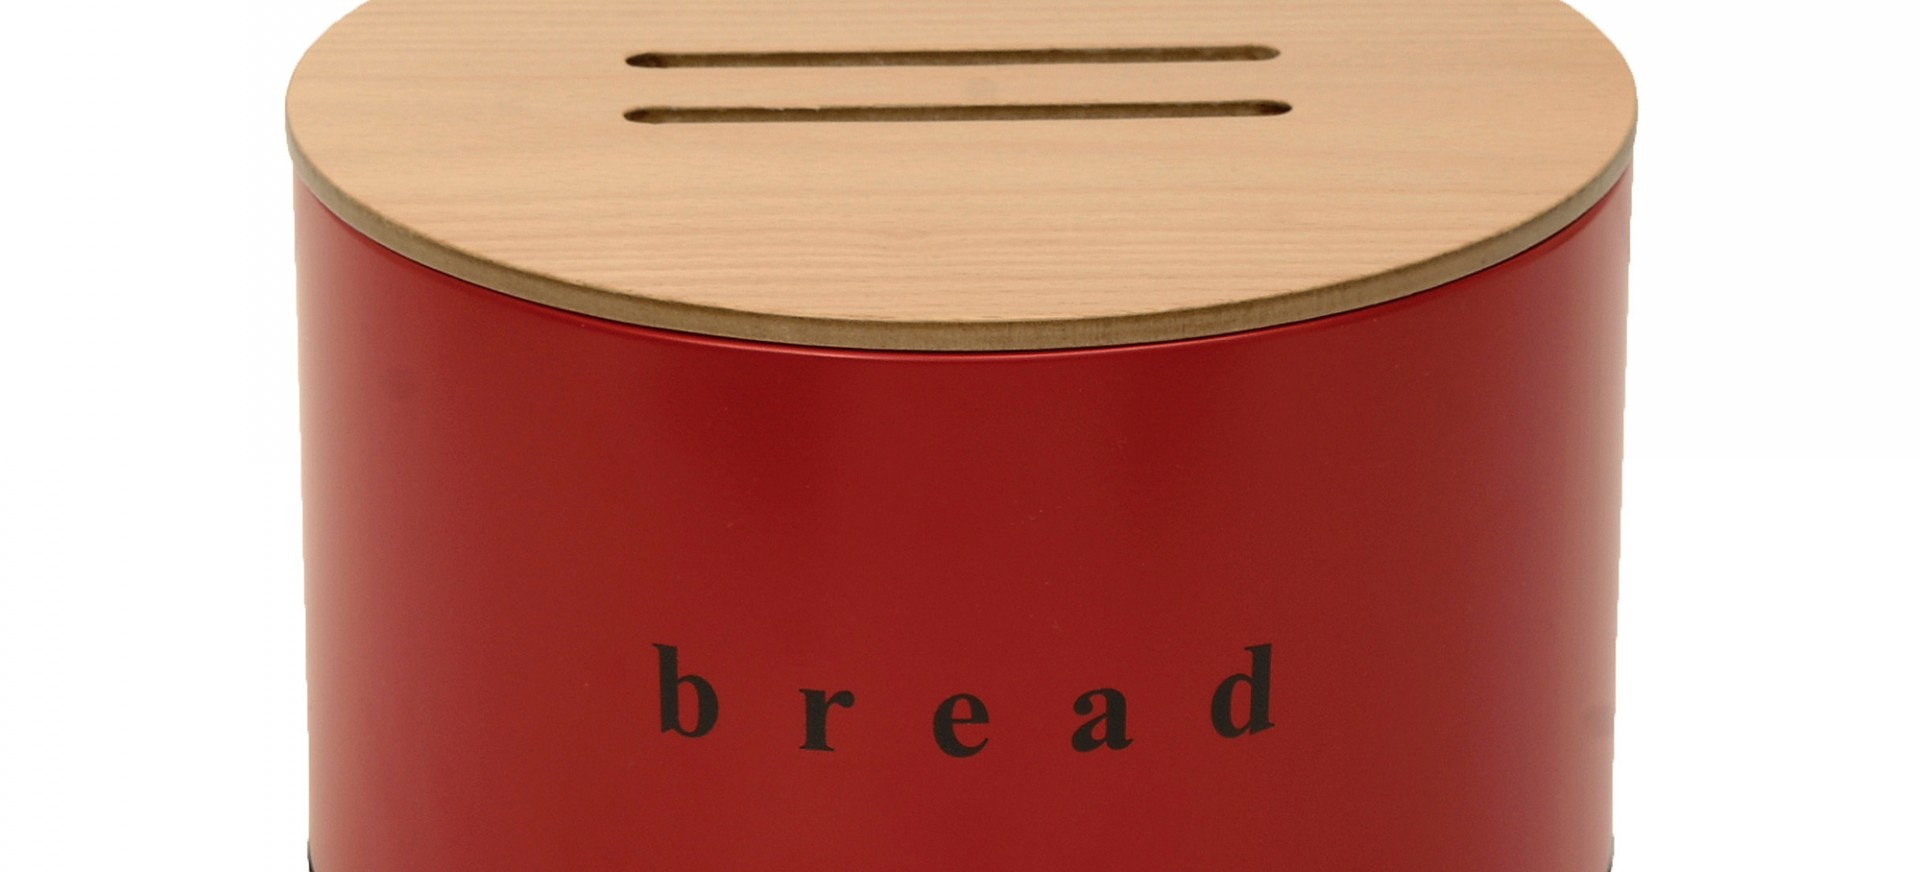 Ψωμιέρες